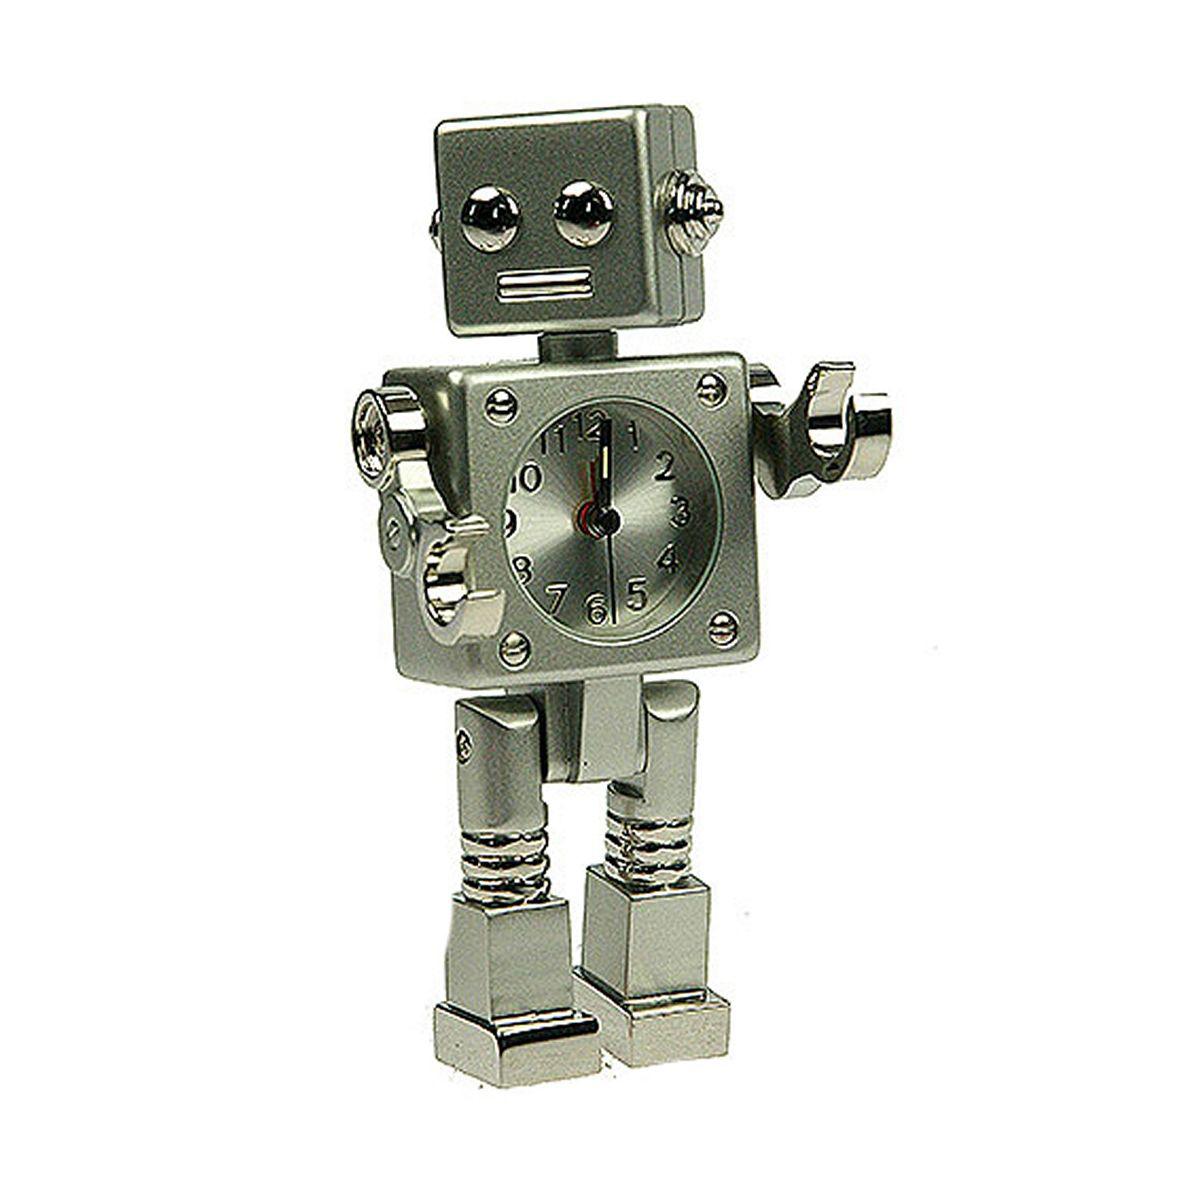 Часы настольные Русские Подарки Робот. 2243222432Настольные кварцевые часы Русские Подарки Робот изготовлены из металла. Изделие оригинально оформлено в виде робота. Часы имеют три стрелки - часовую, минутную и секундную. Такие часы украсят интерьер дома или рабочий стол в офисе. Также часы могут стать уникальным, полезным подарком для родственников, коллег, знакомых и близких. Часы работают от батареек типа SR626 (в комплект не входят).